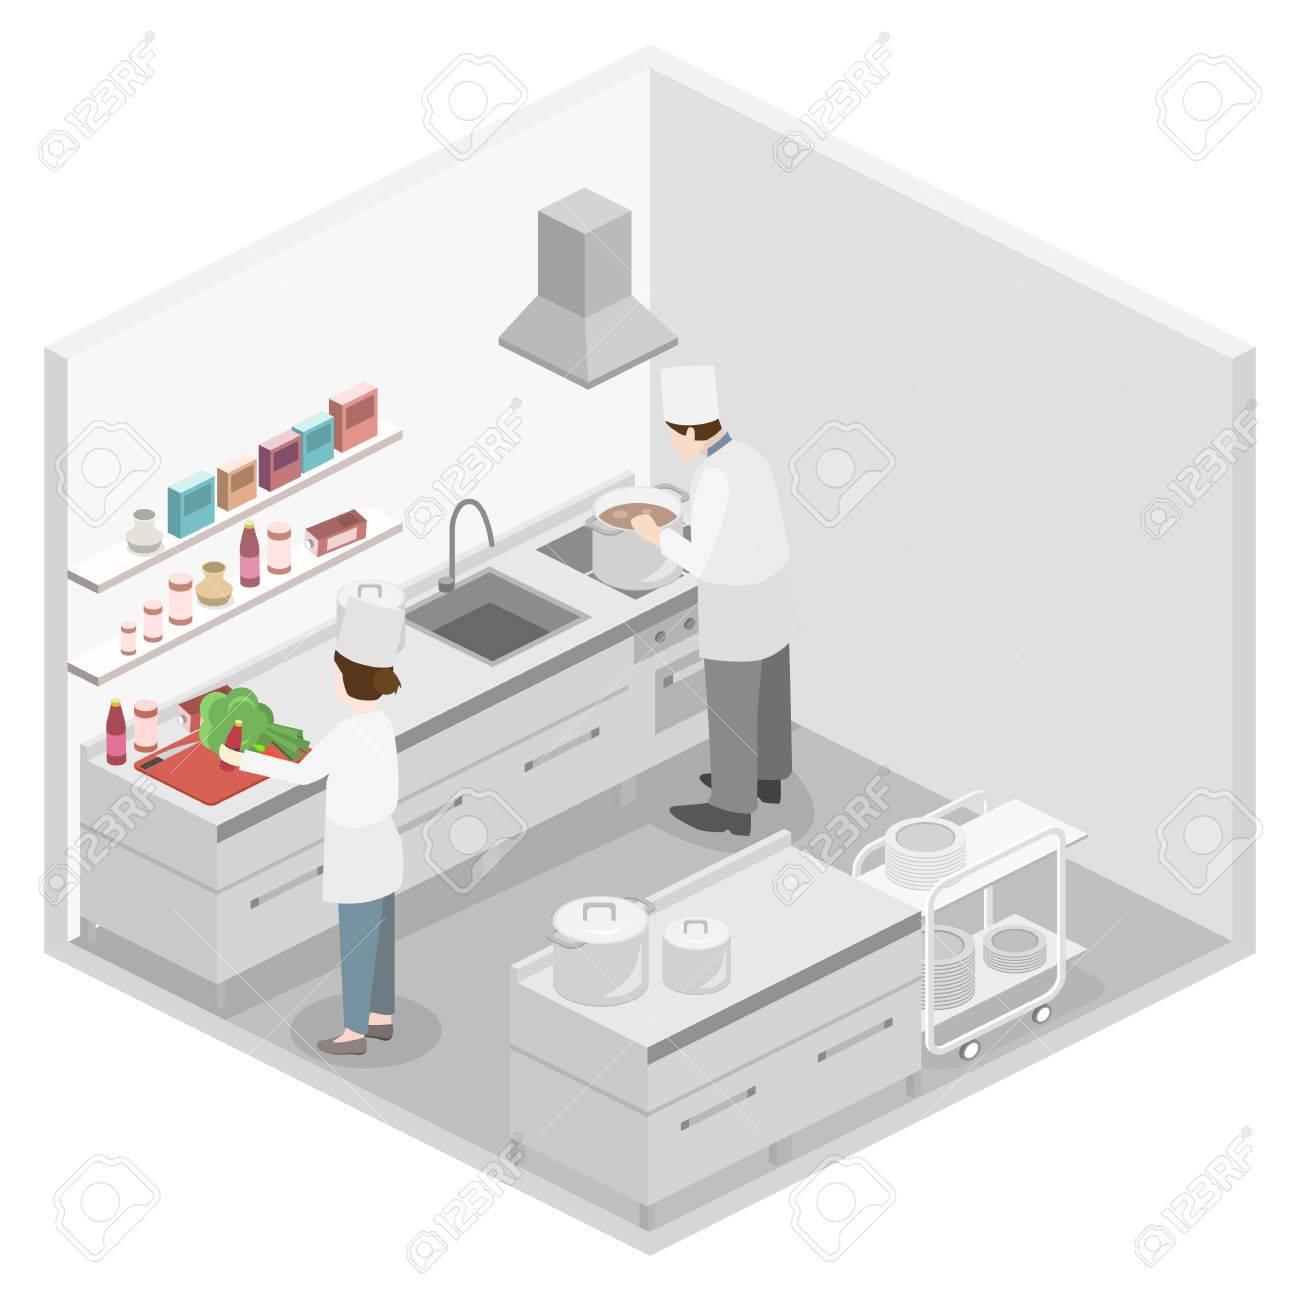 Isometrischen Flache 3D-Konzept Vektor-Interieur Von Professionellen ...